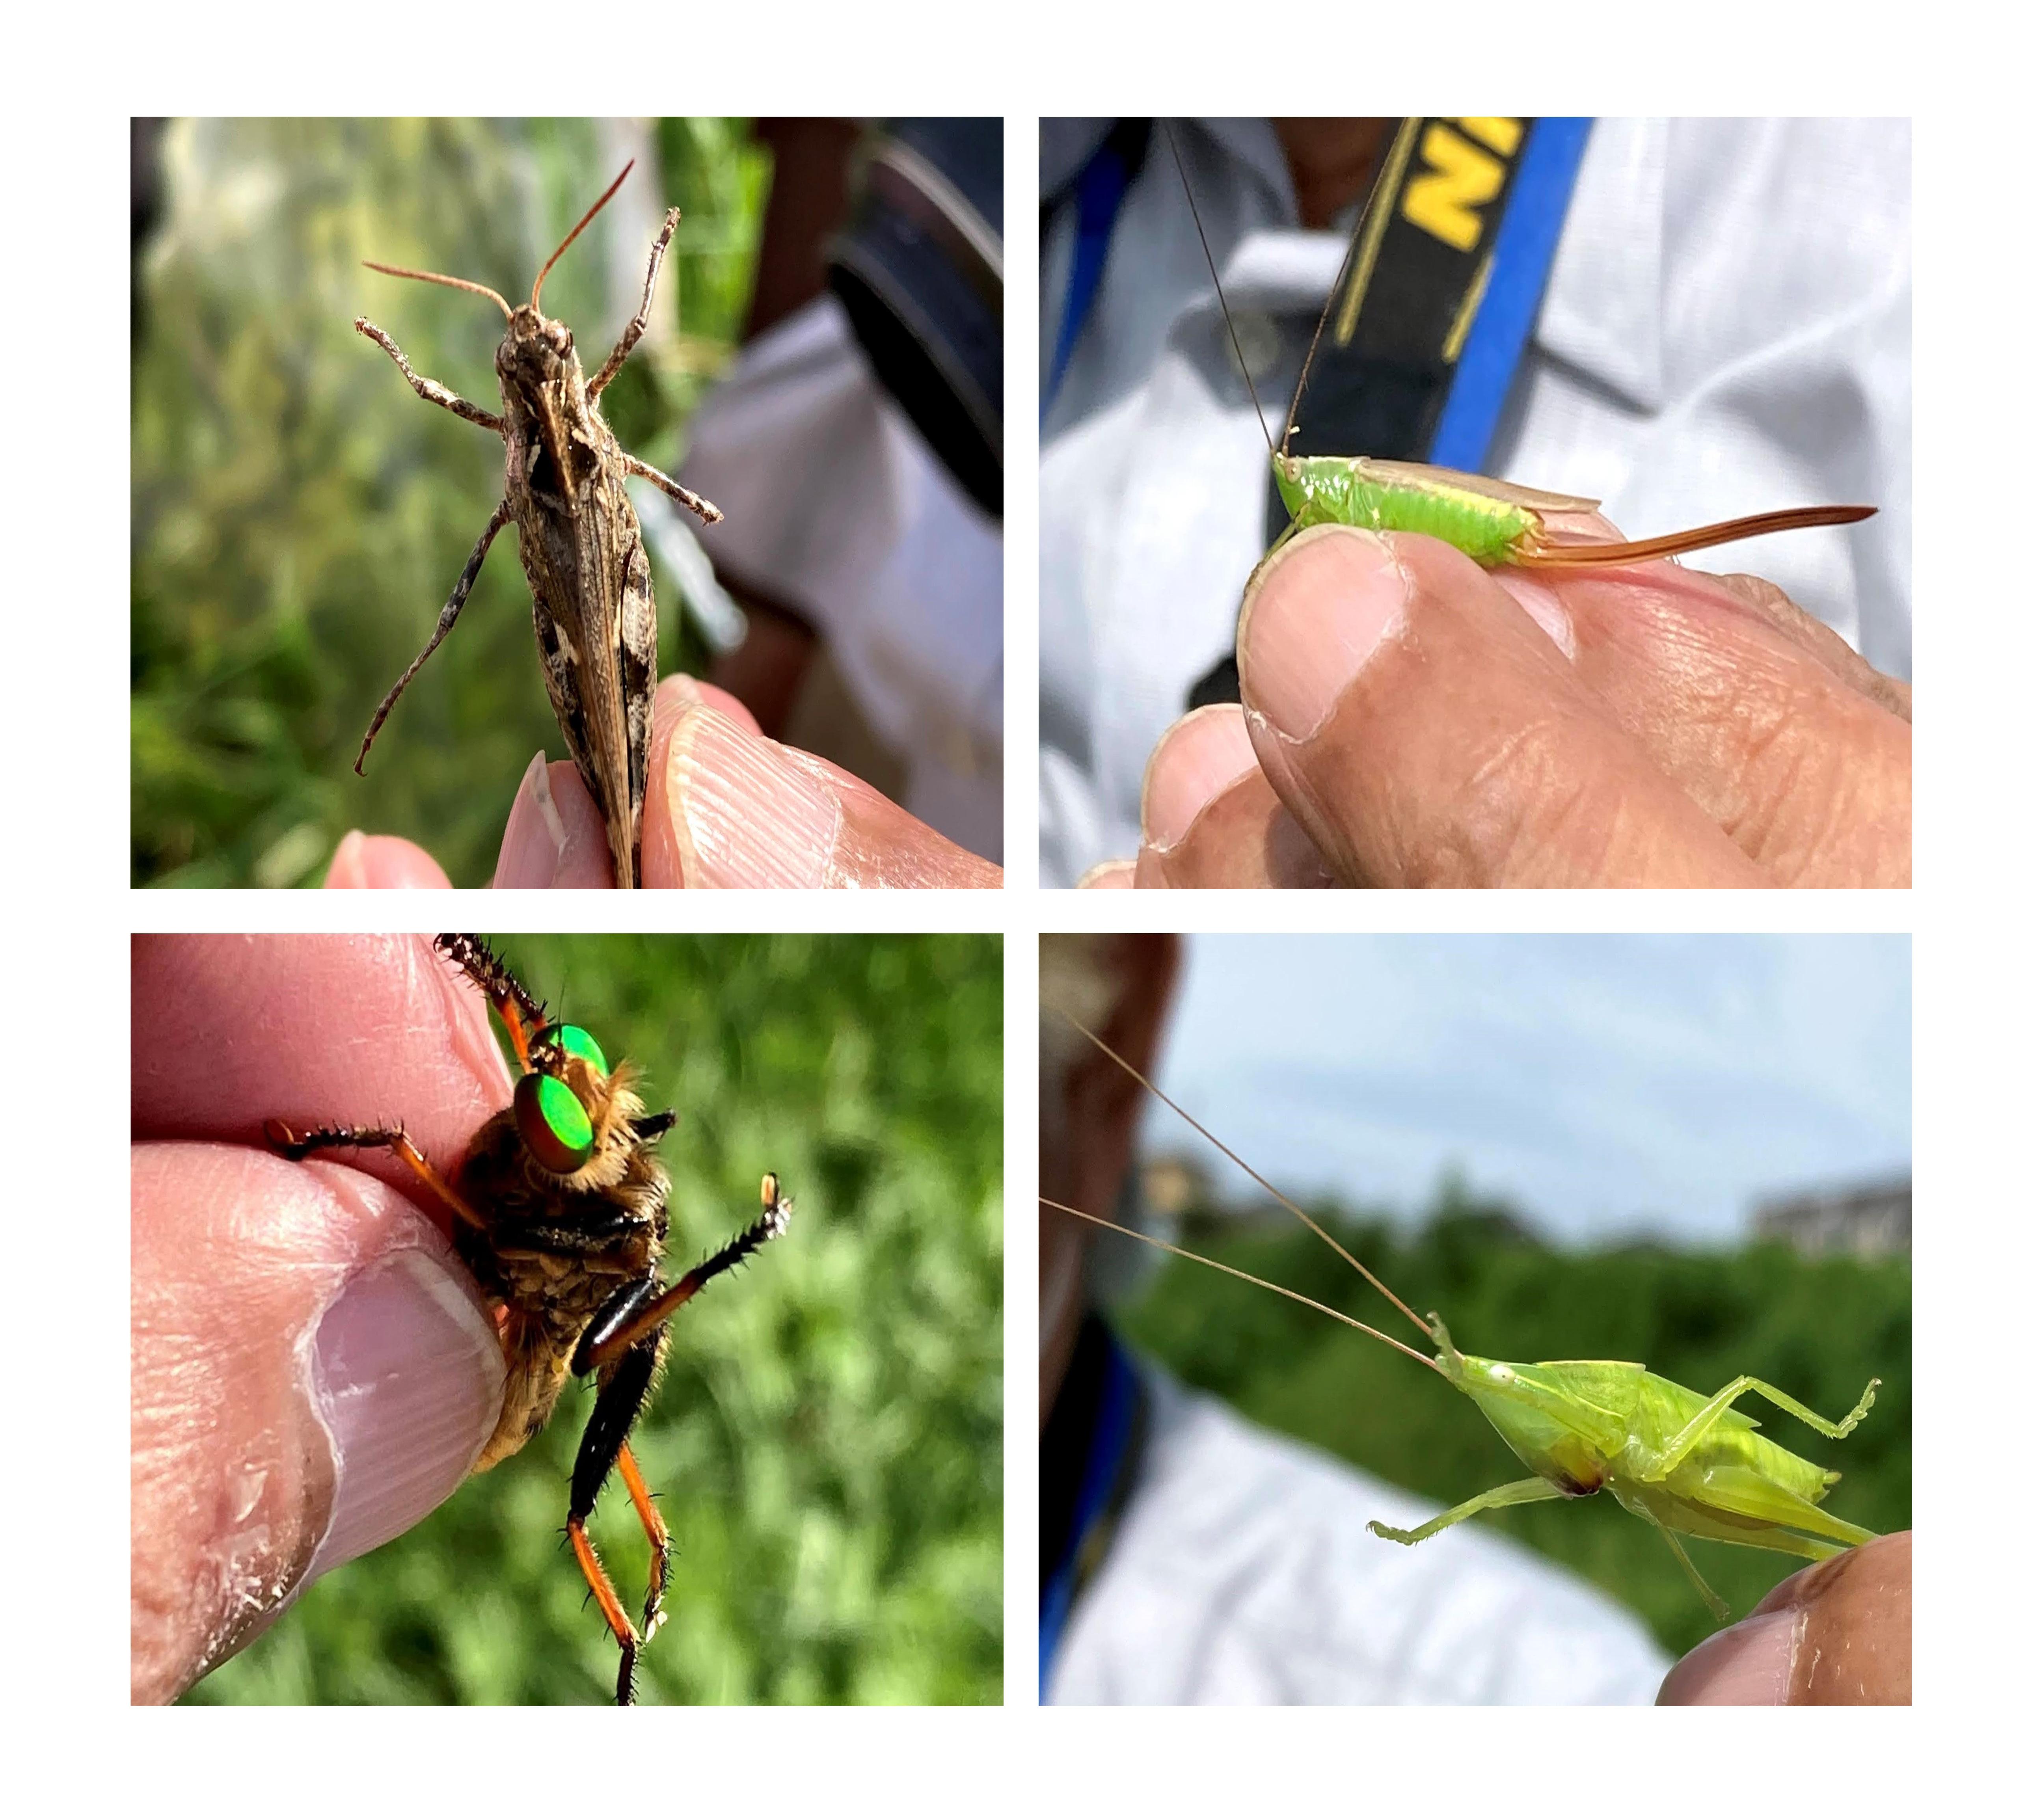 左上:クルマバッタモドキ 左下:アオメアブ(すごい蛍光色!)   右上:オナガササキリ 右下:クビキリギス